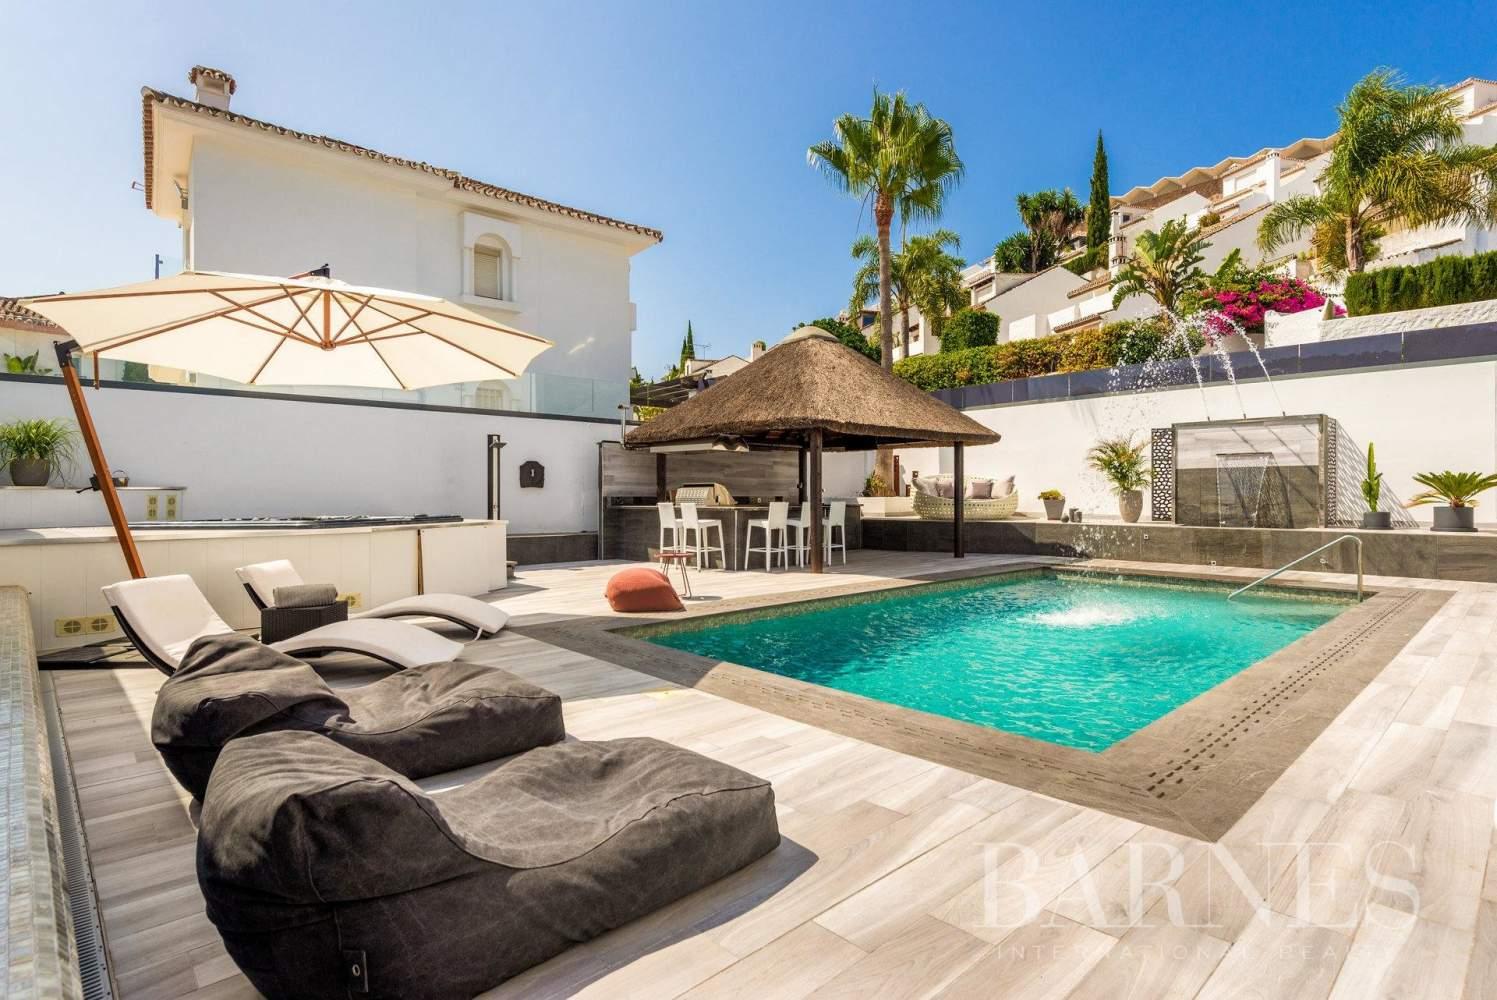 Marbella  - Villa  5 Habitaciones - picture 1